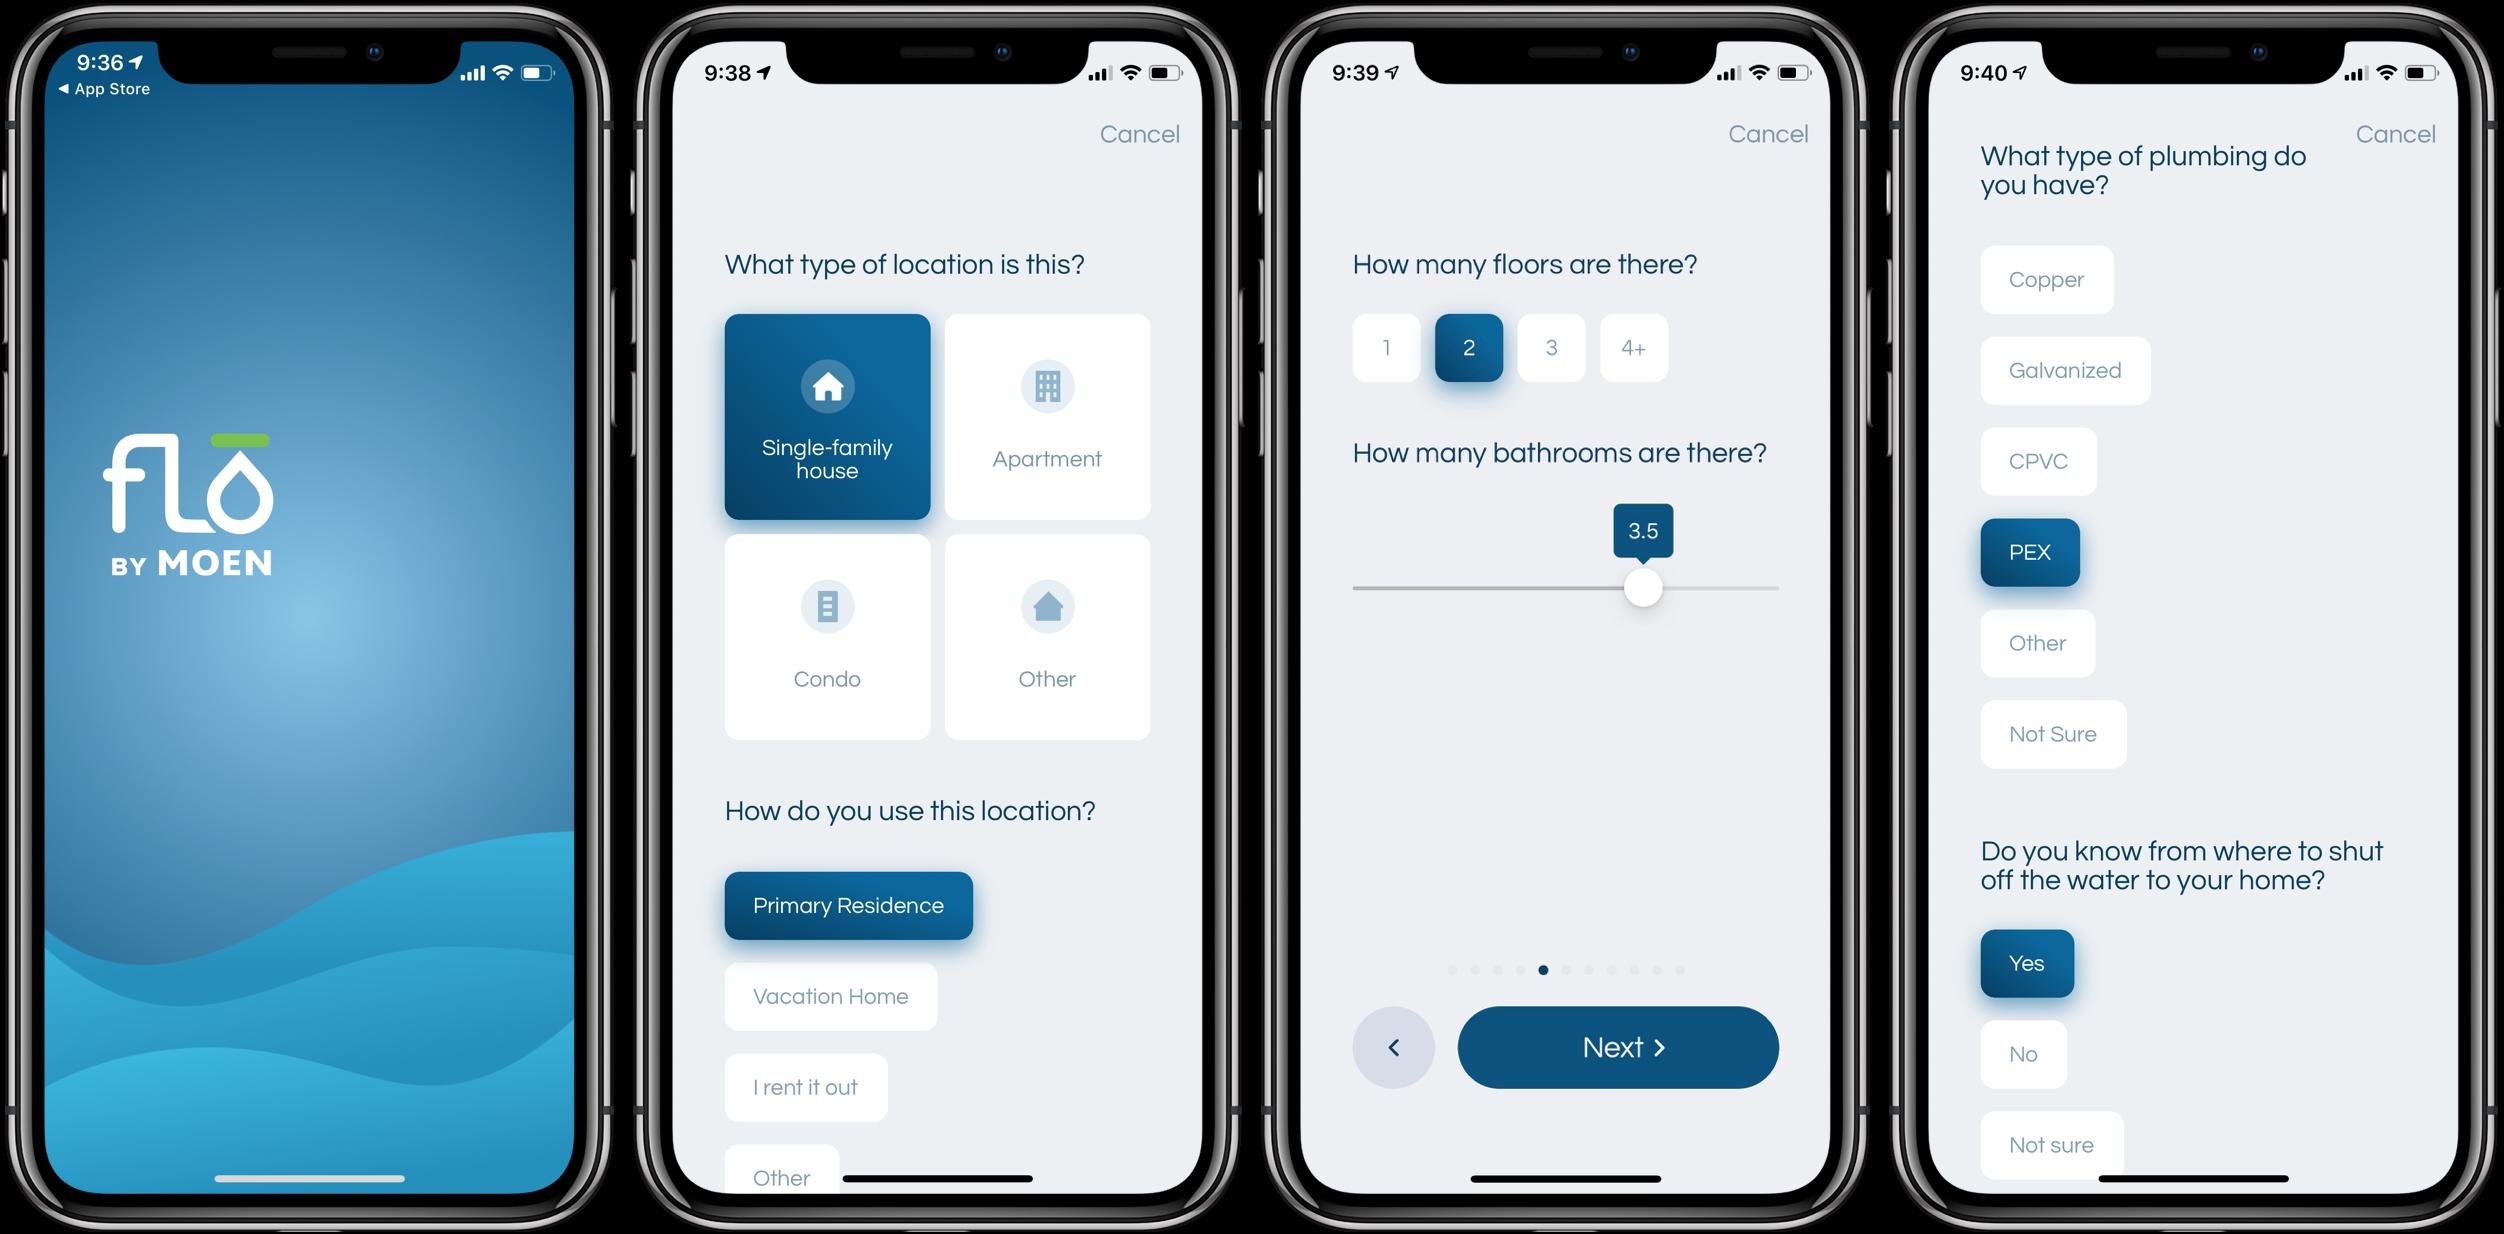 Review Moen Flo Smart Water Shutoff app set up